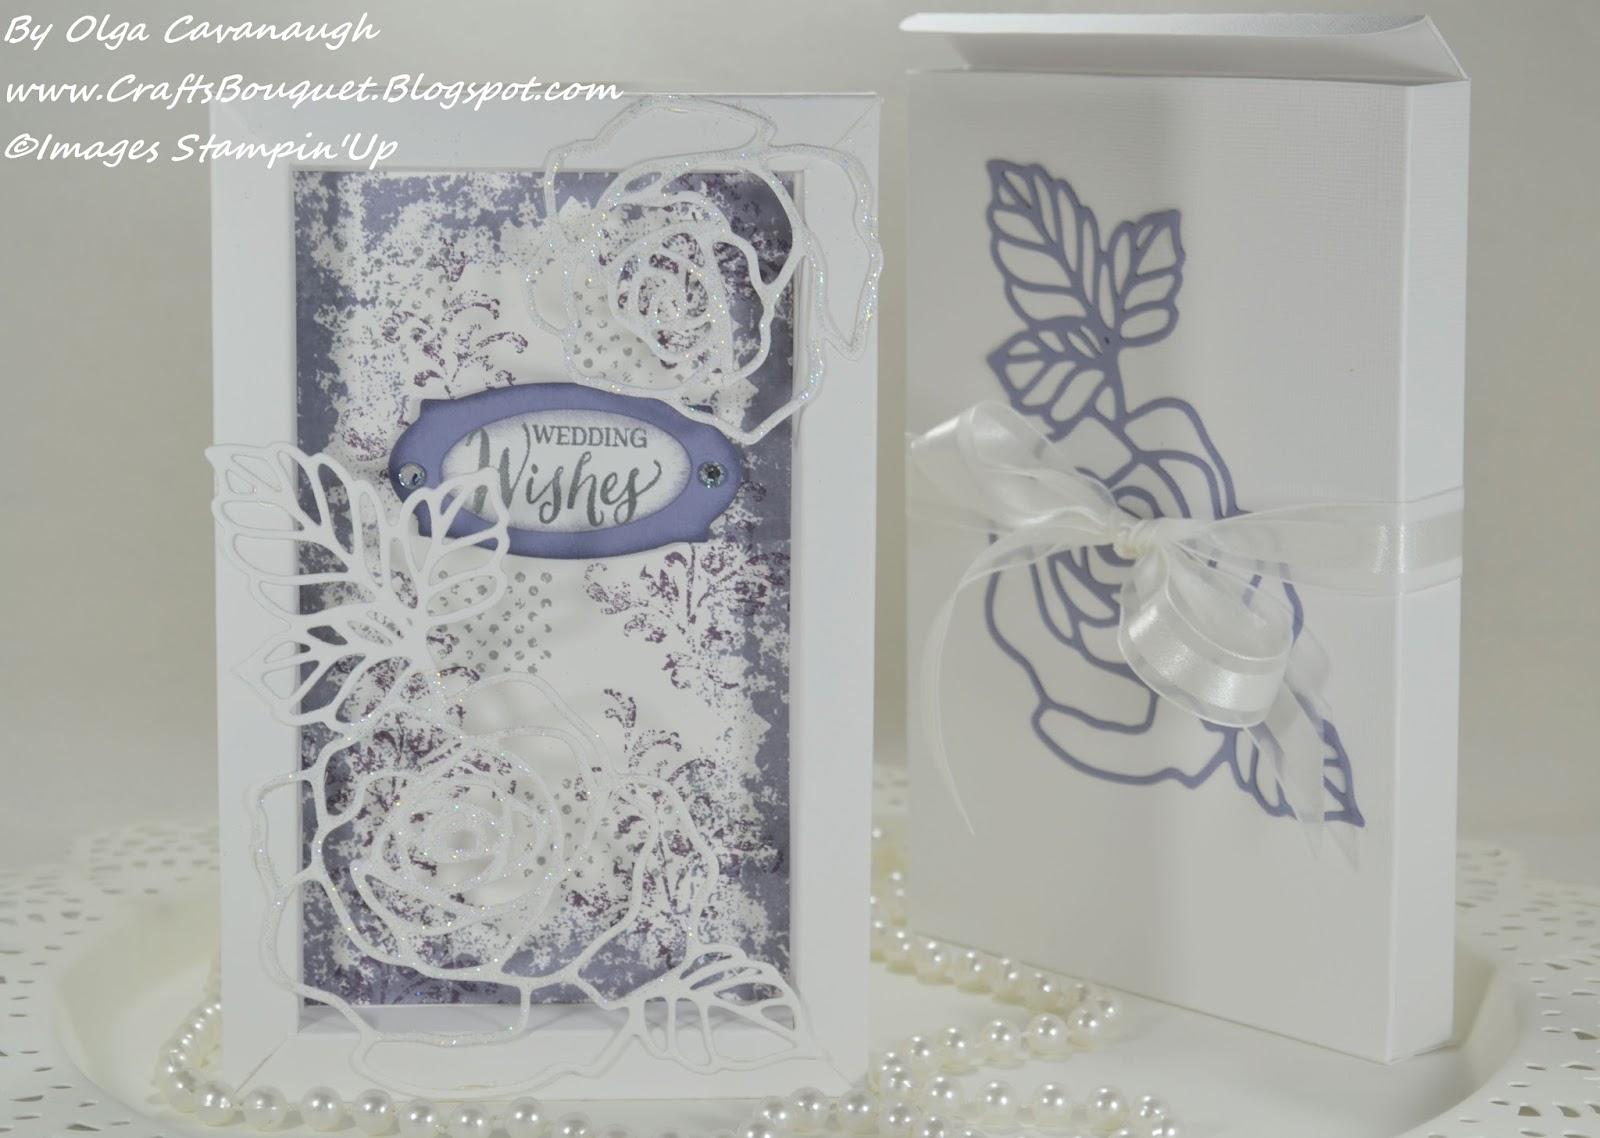 Crafts Bouquet: Stampin'Up Rose Garden Shadow Box Wedding ...